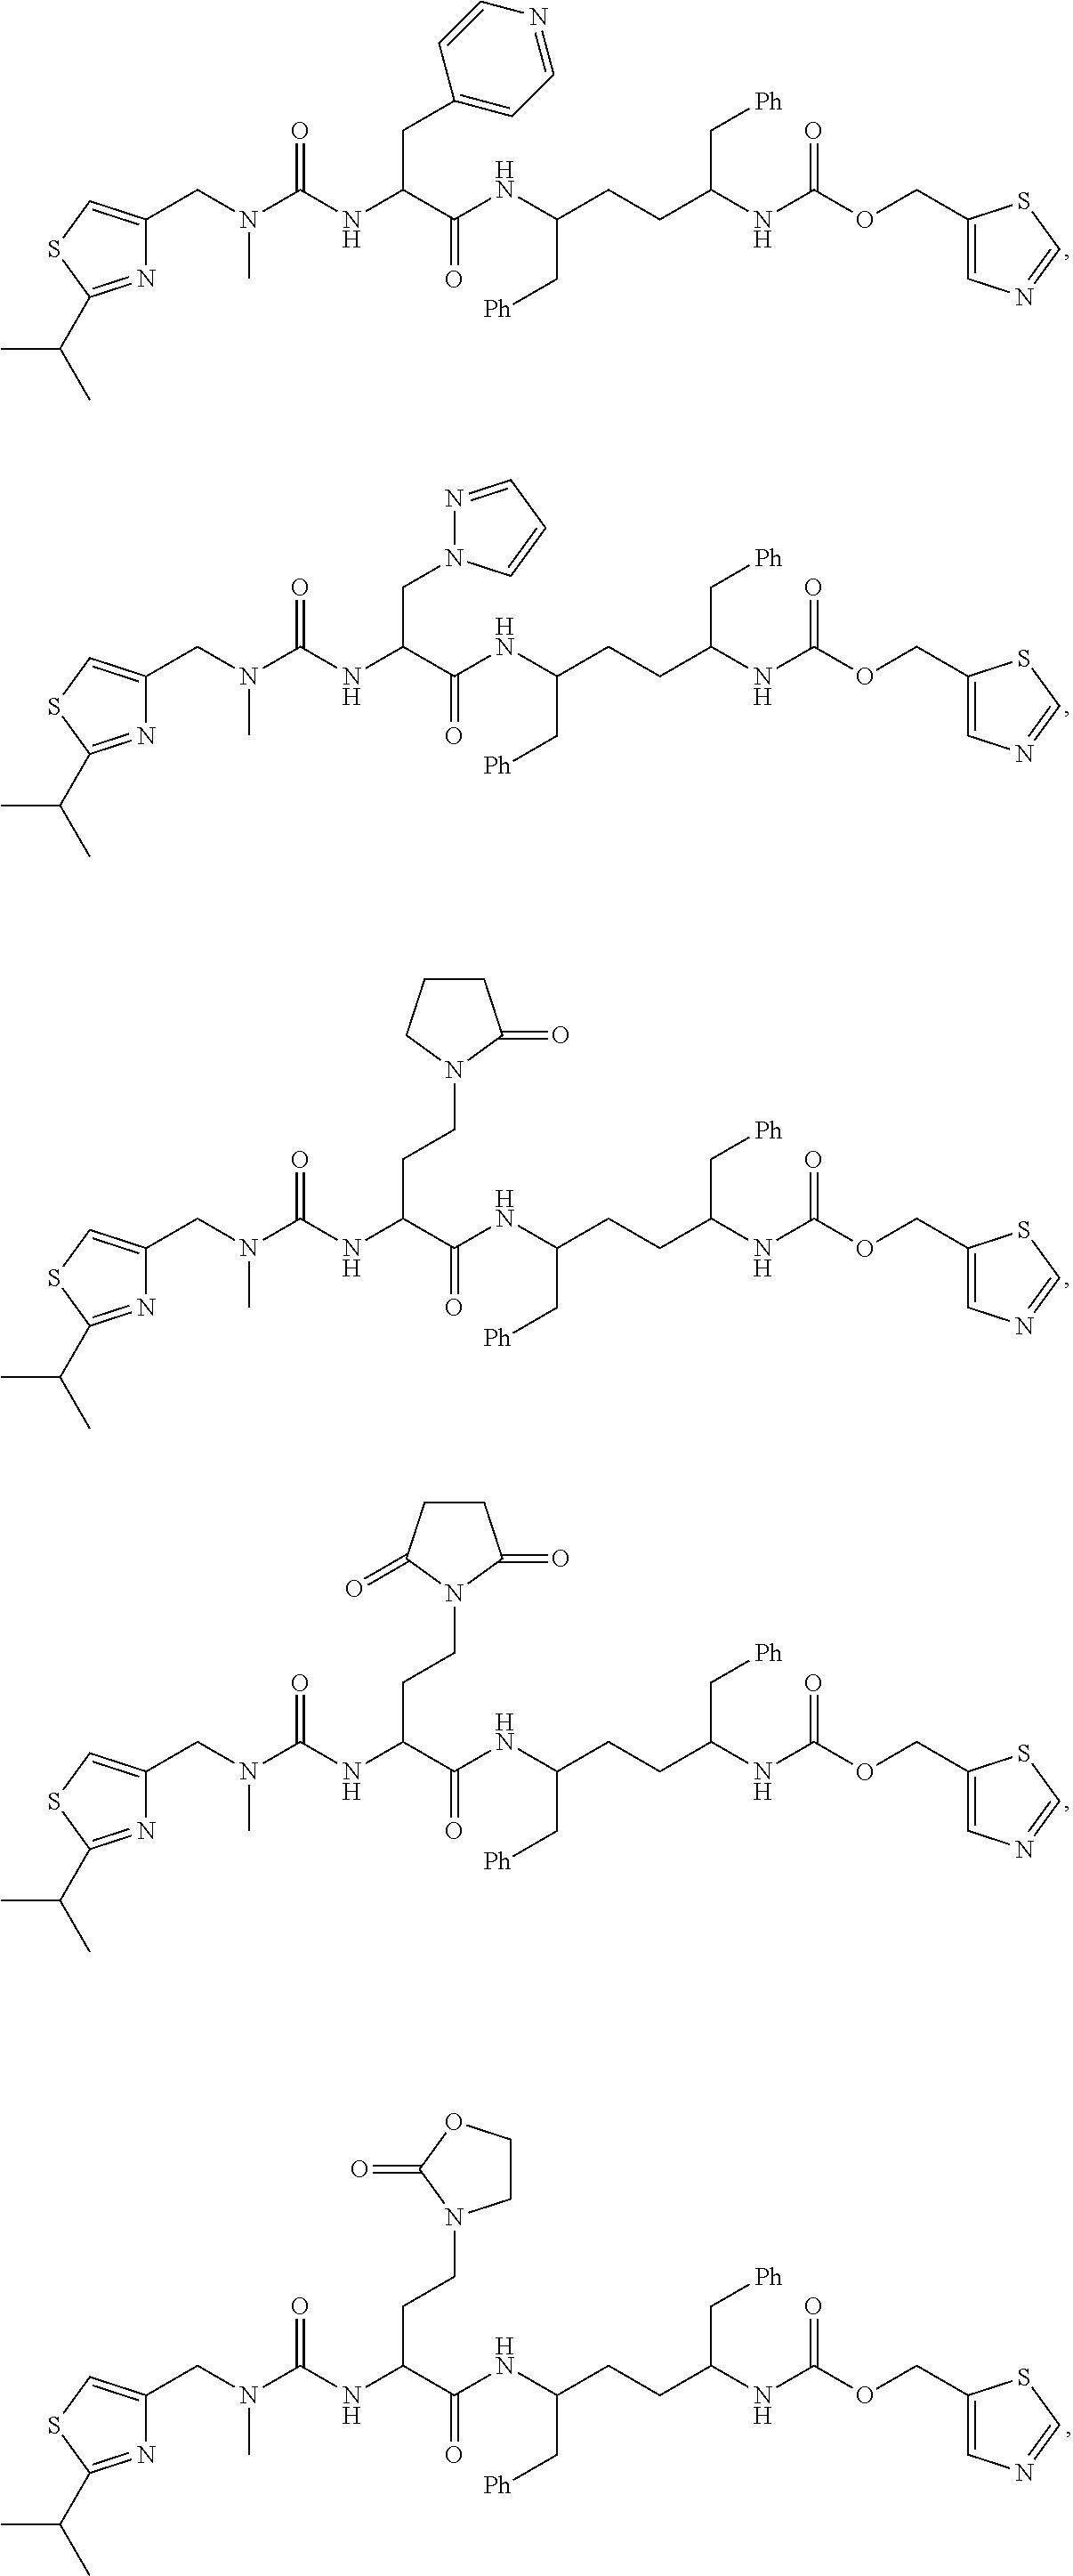 Figure US09891239-20180213-C00078